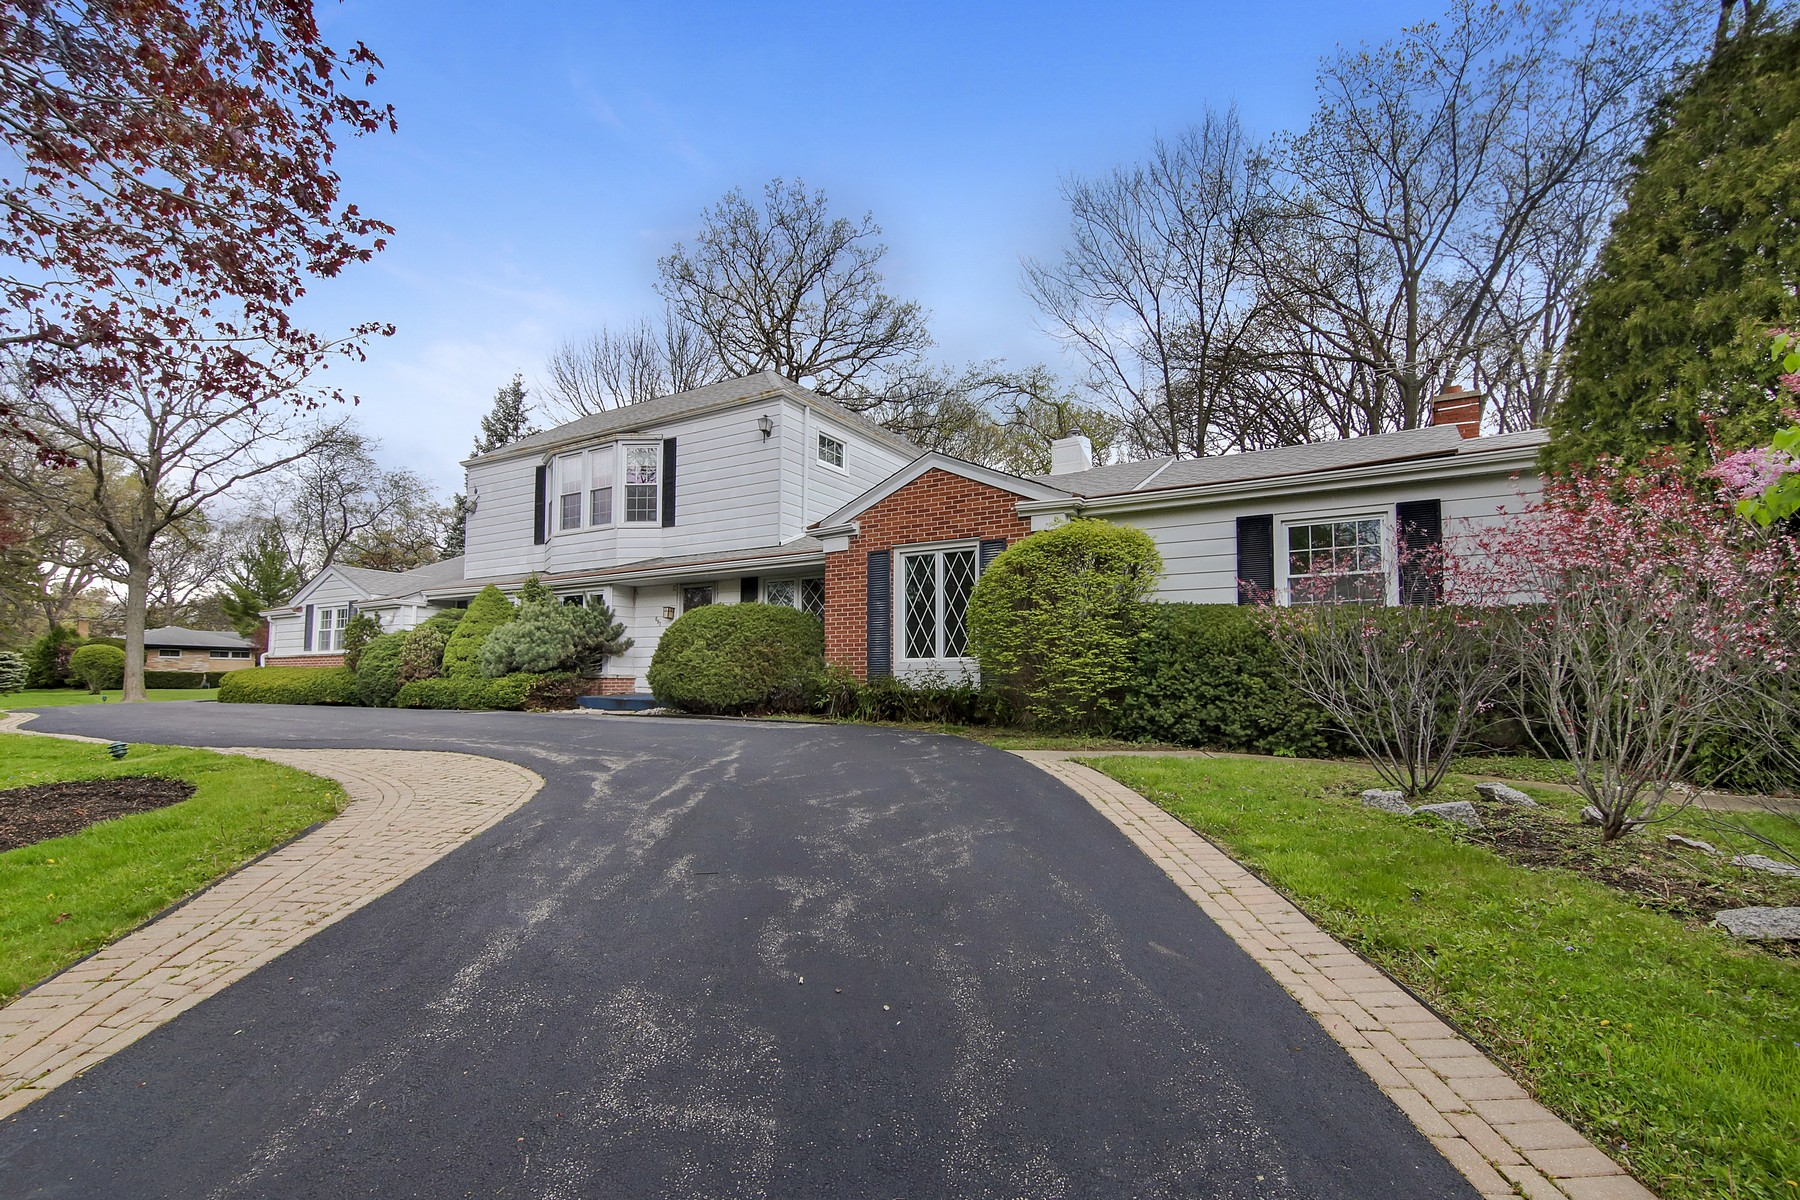 独户住宅 为 销售 在 Beautiful Corner Lot Home 693 Hill Street 海兰帕克, 伊利诺斯州, 60035 美国